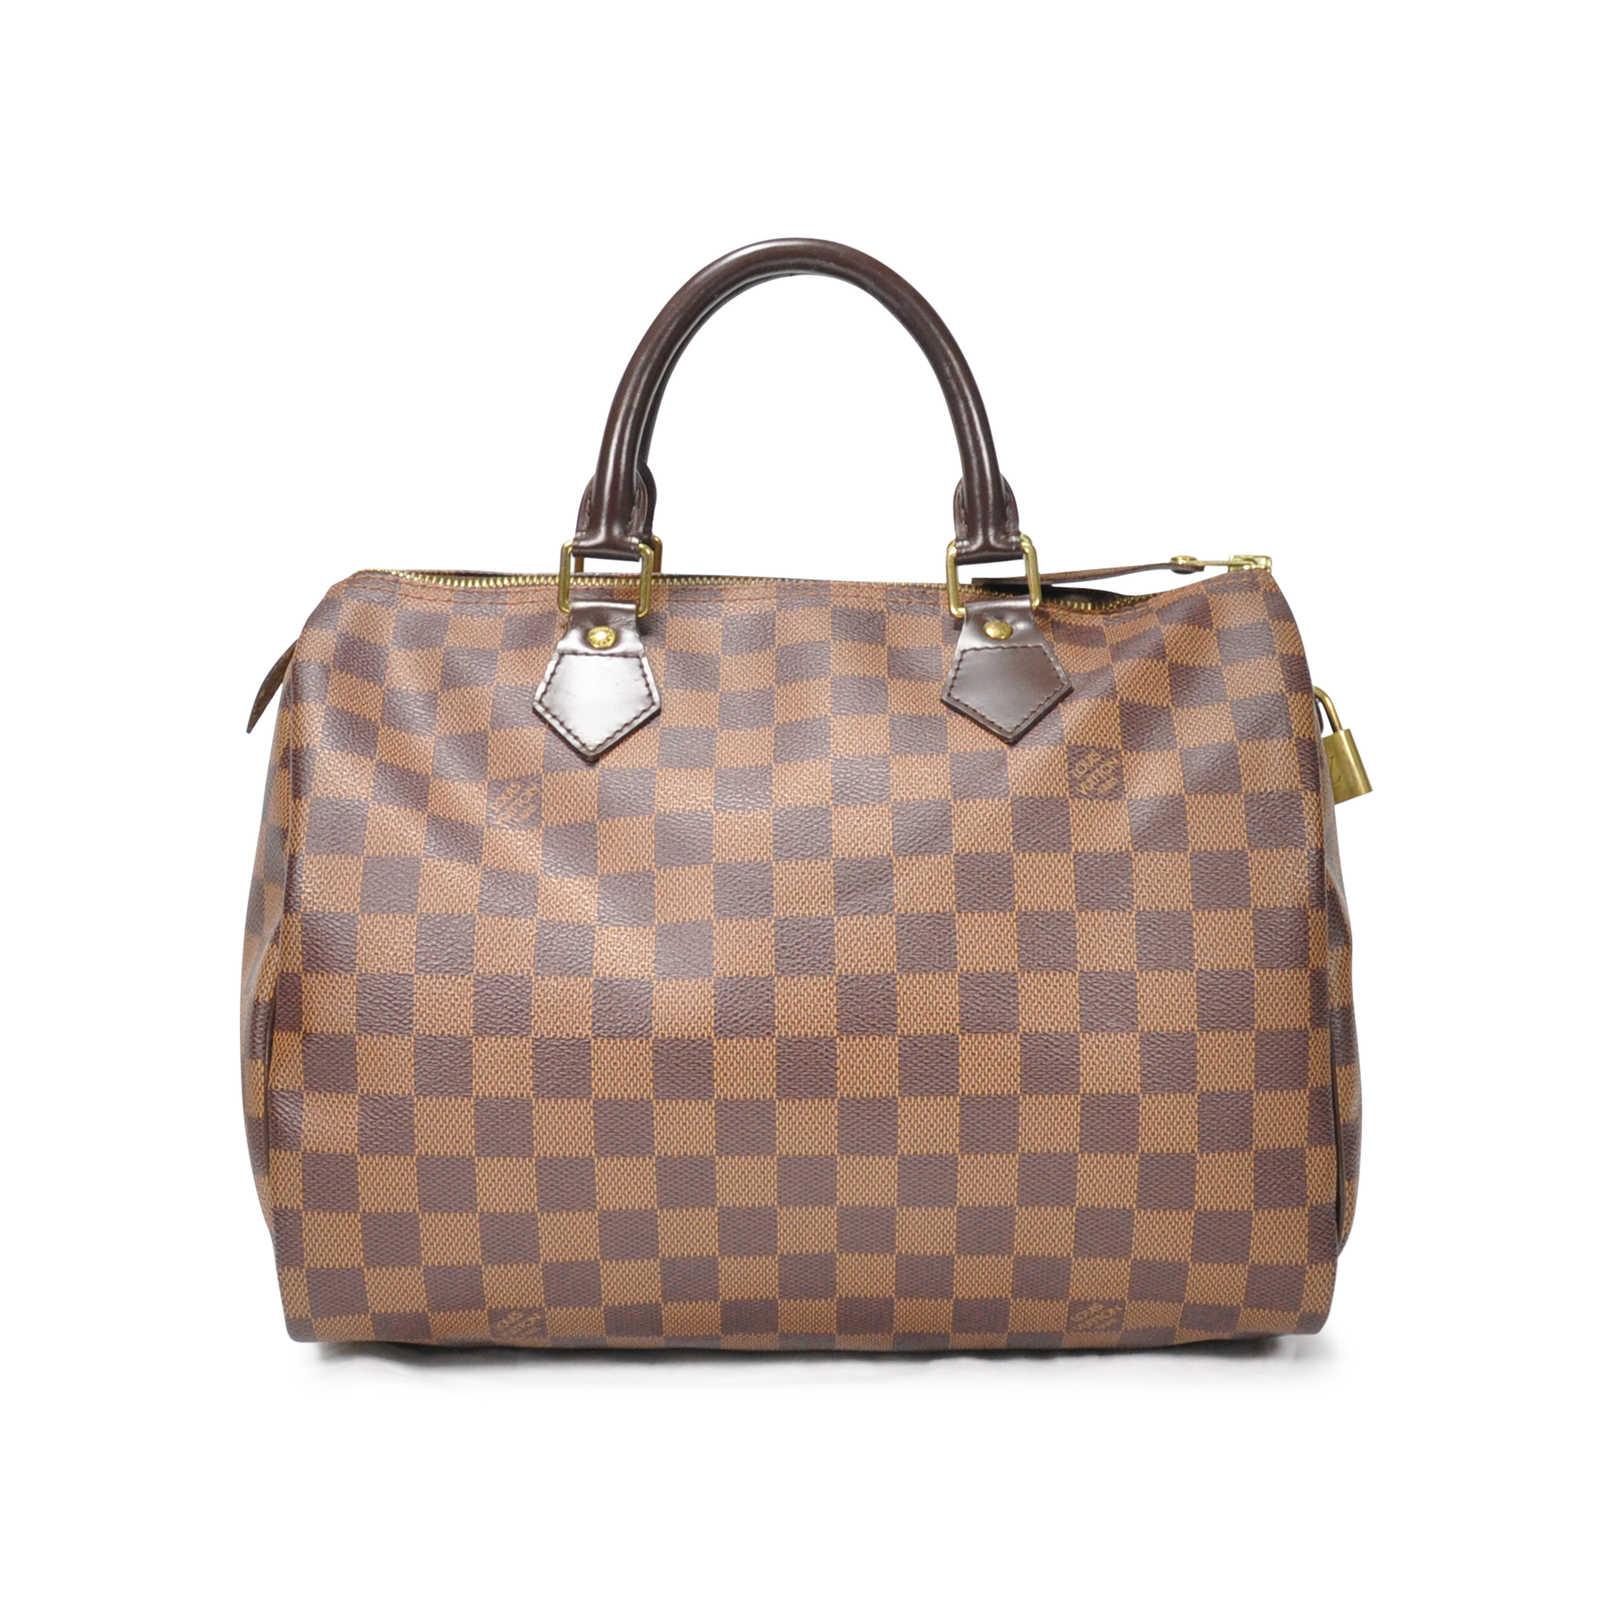 9ea977a8 Authentic Second Hand Louis Vuitton Damier Speedy 30 (PSS-274-00001 ...